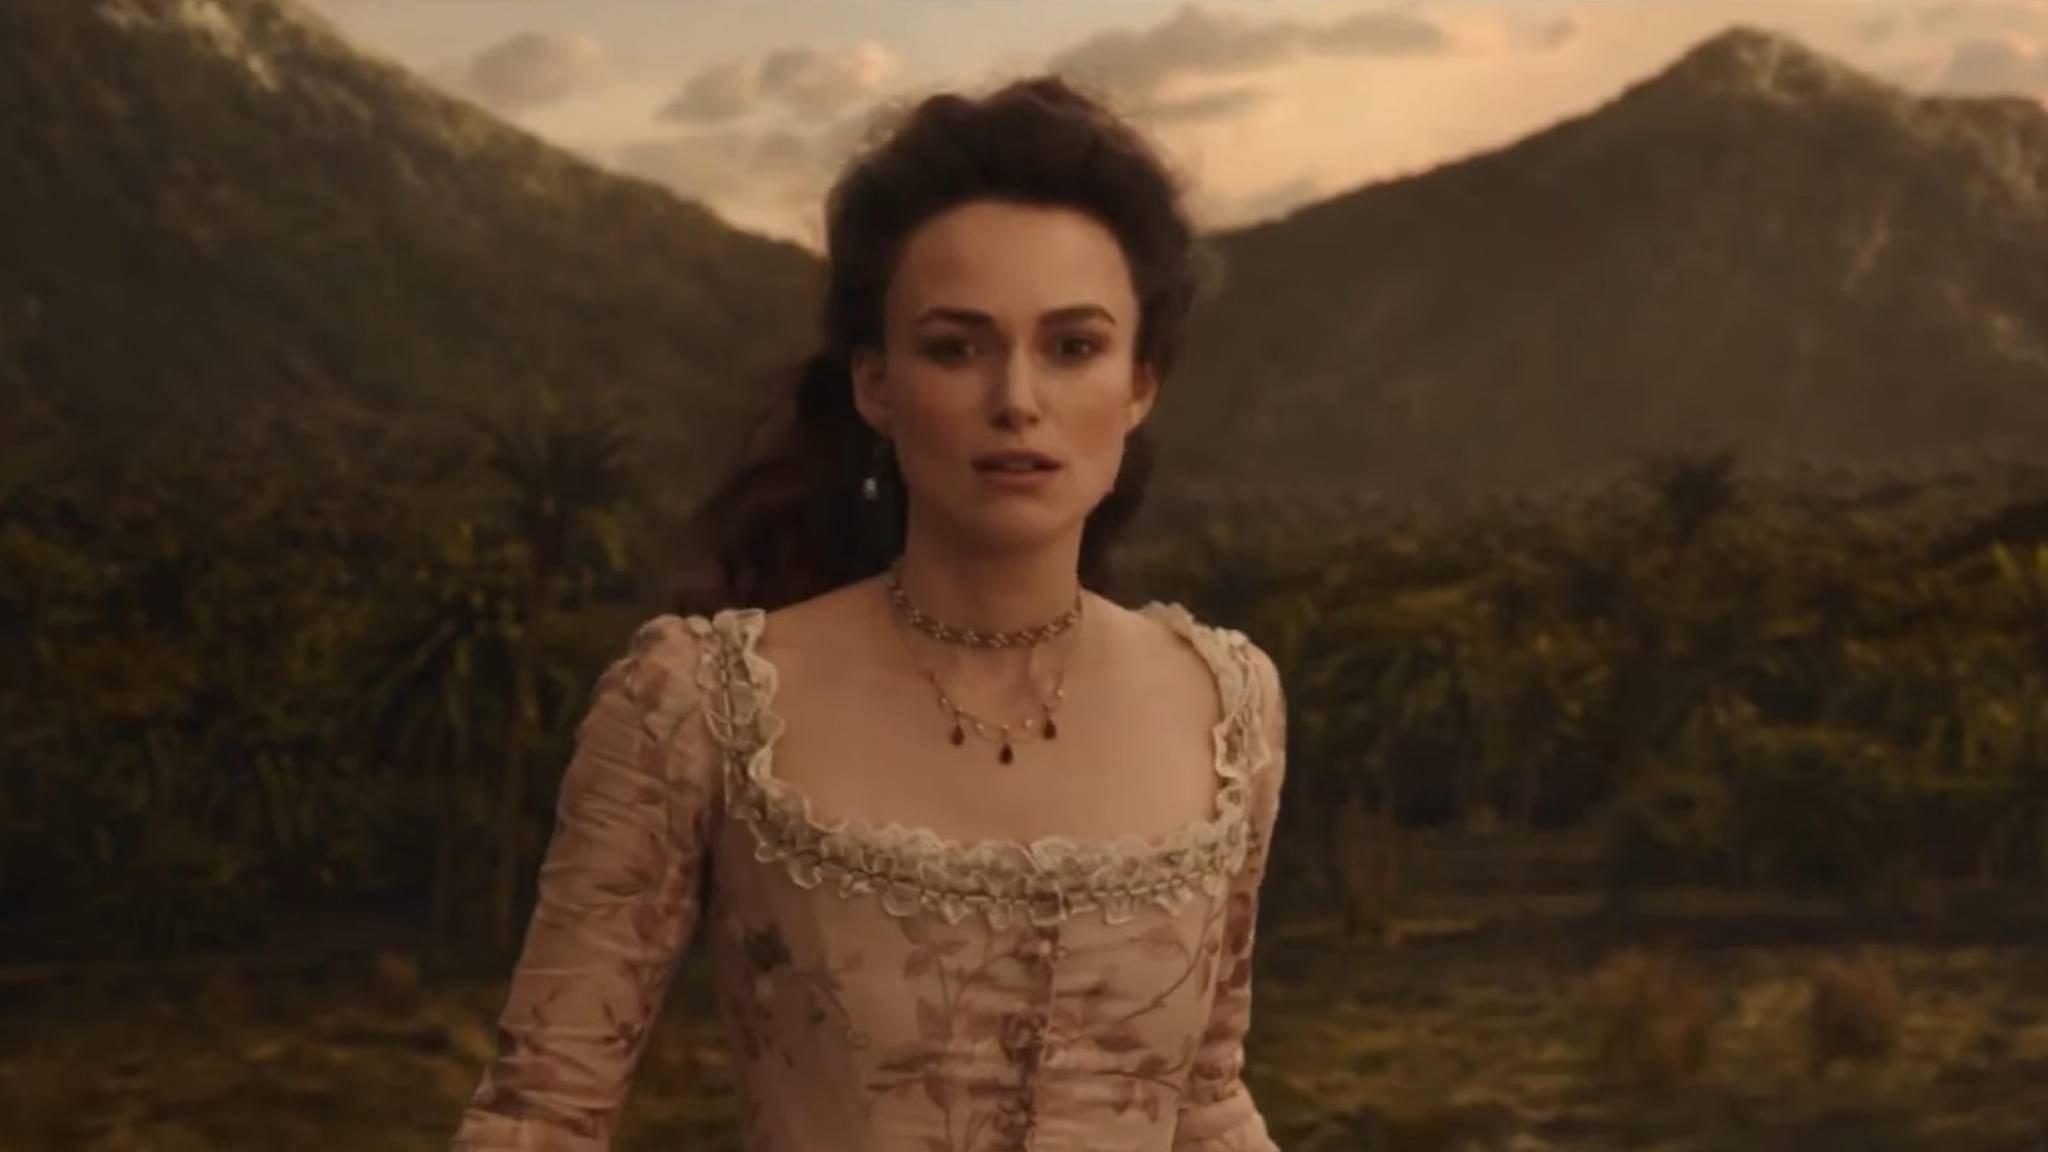 """Ein neuer Trailer liefert einen ersten Blick auf Keira Knightley als Elizabeth Swan in """"Fluch der Karibik 5""""."""